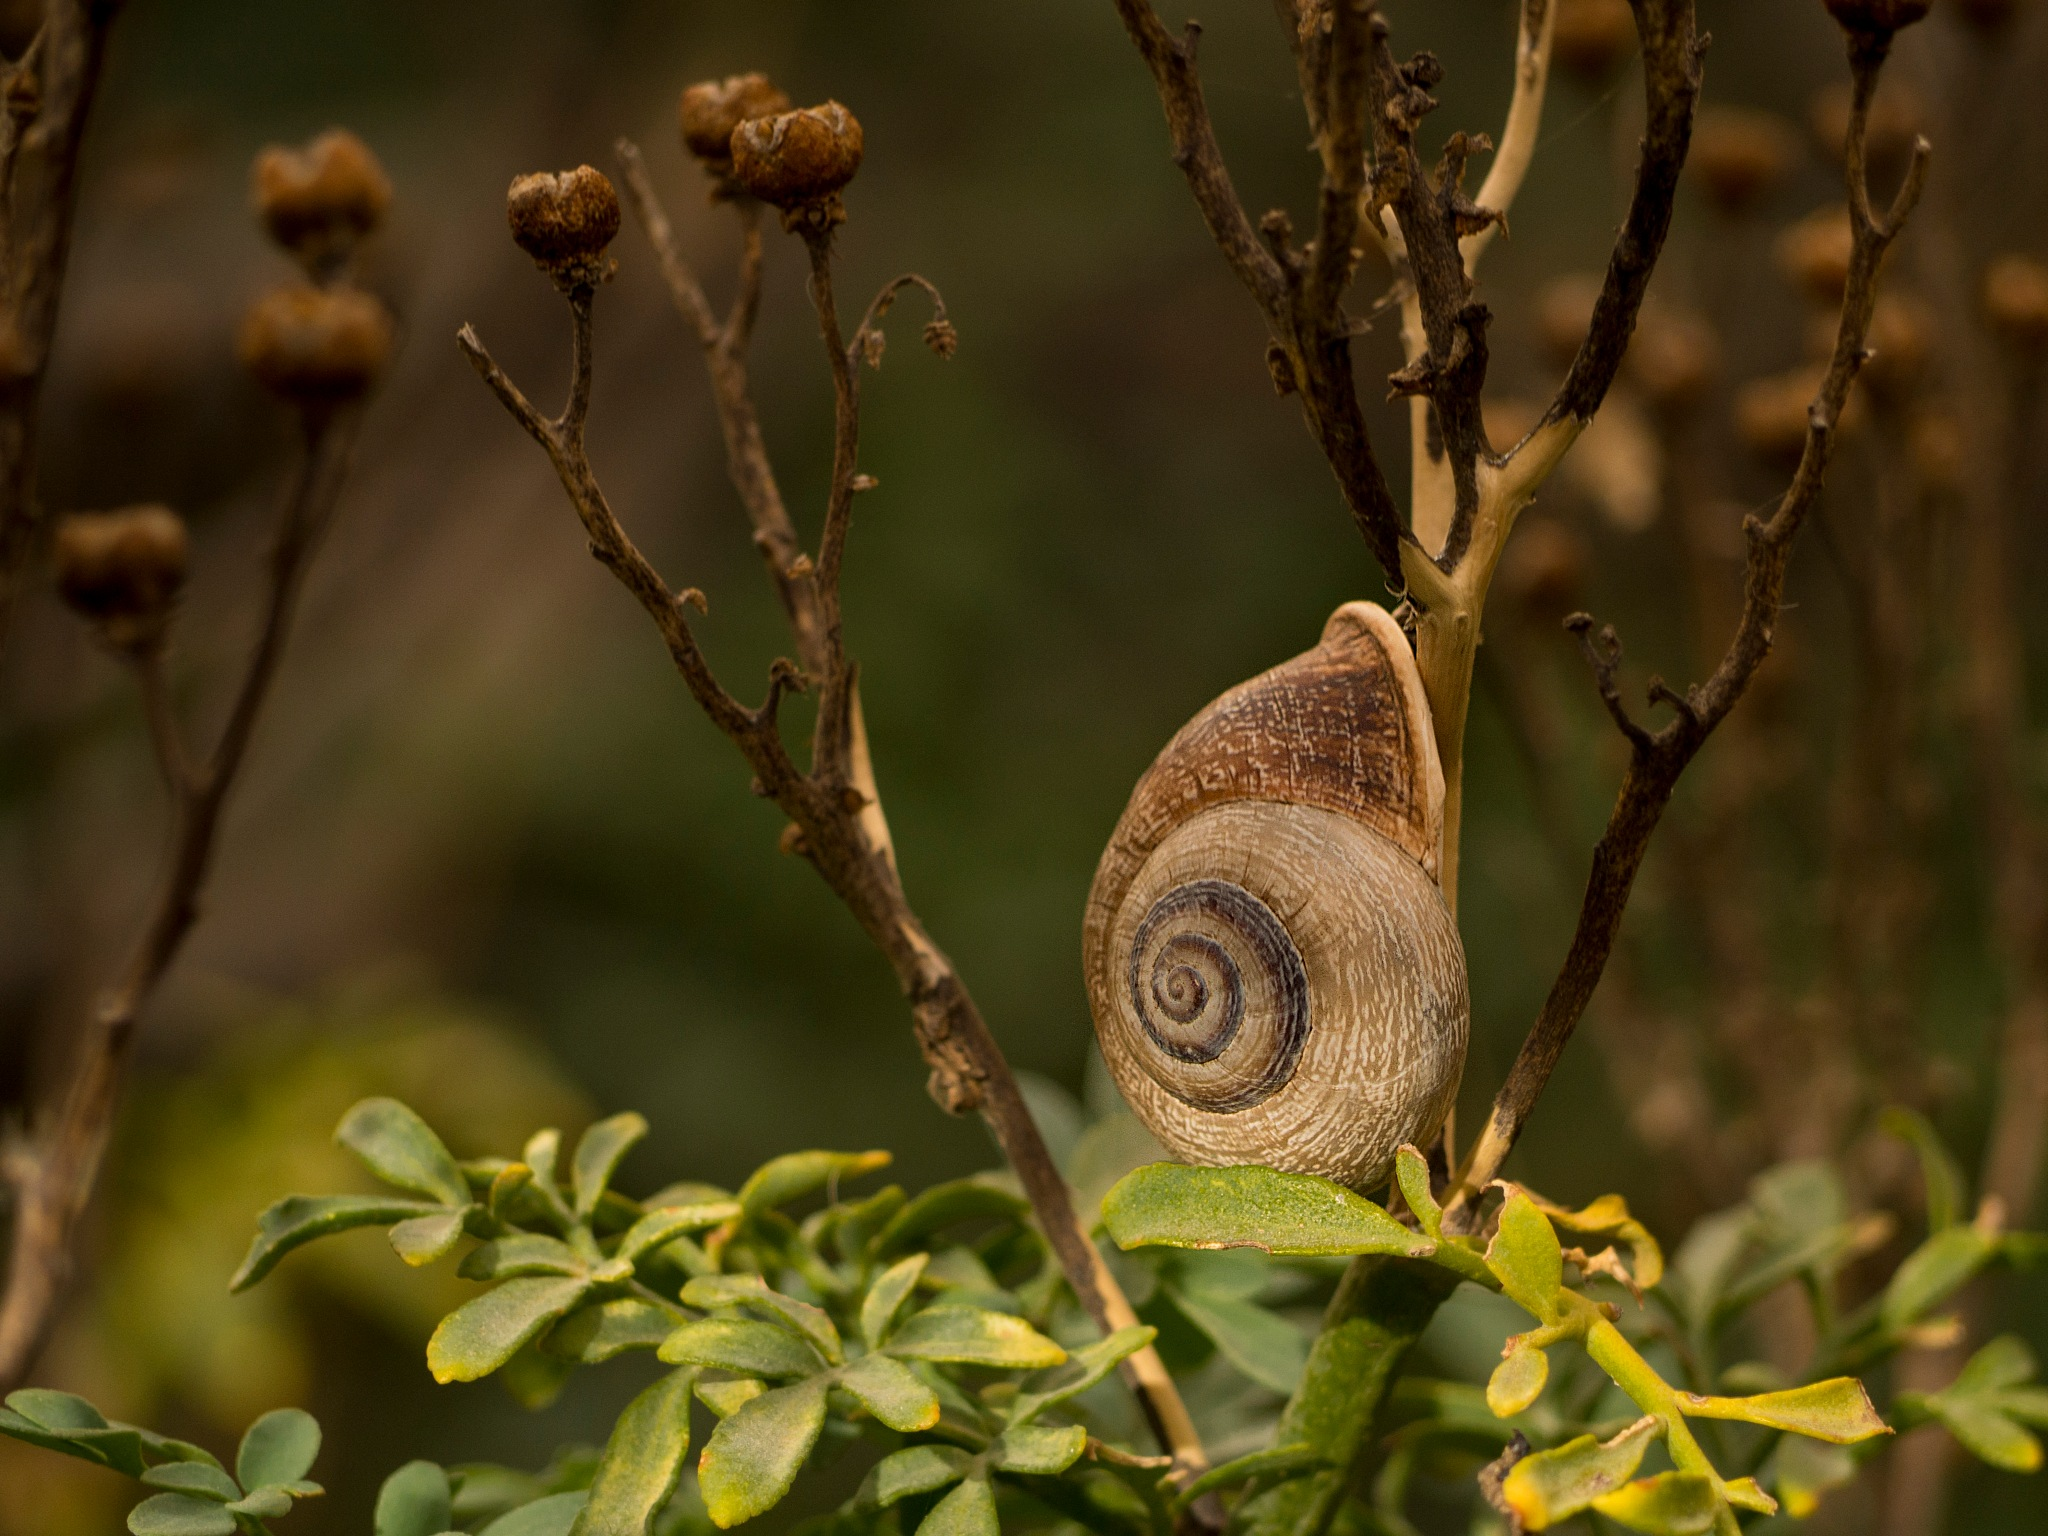 Snail by Manlake Gabriel